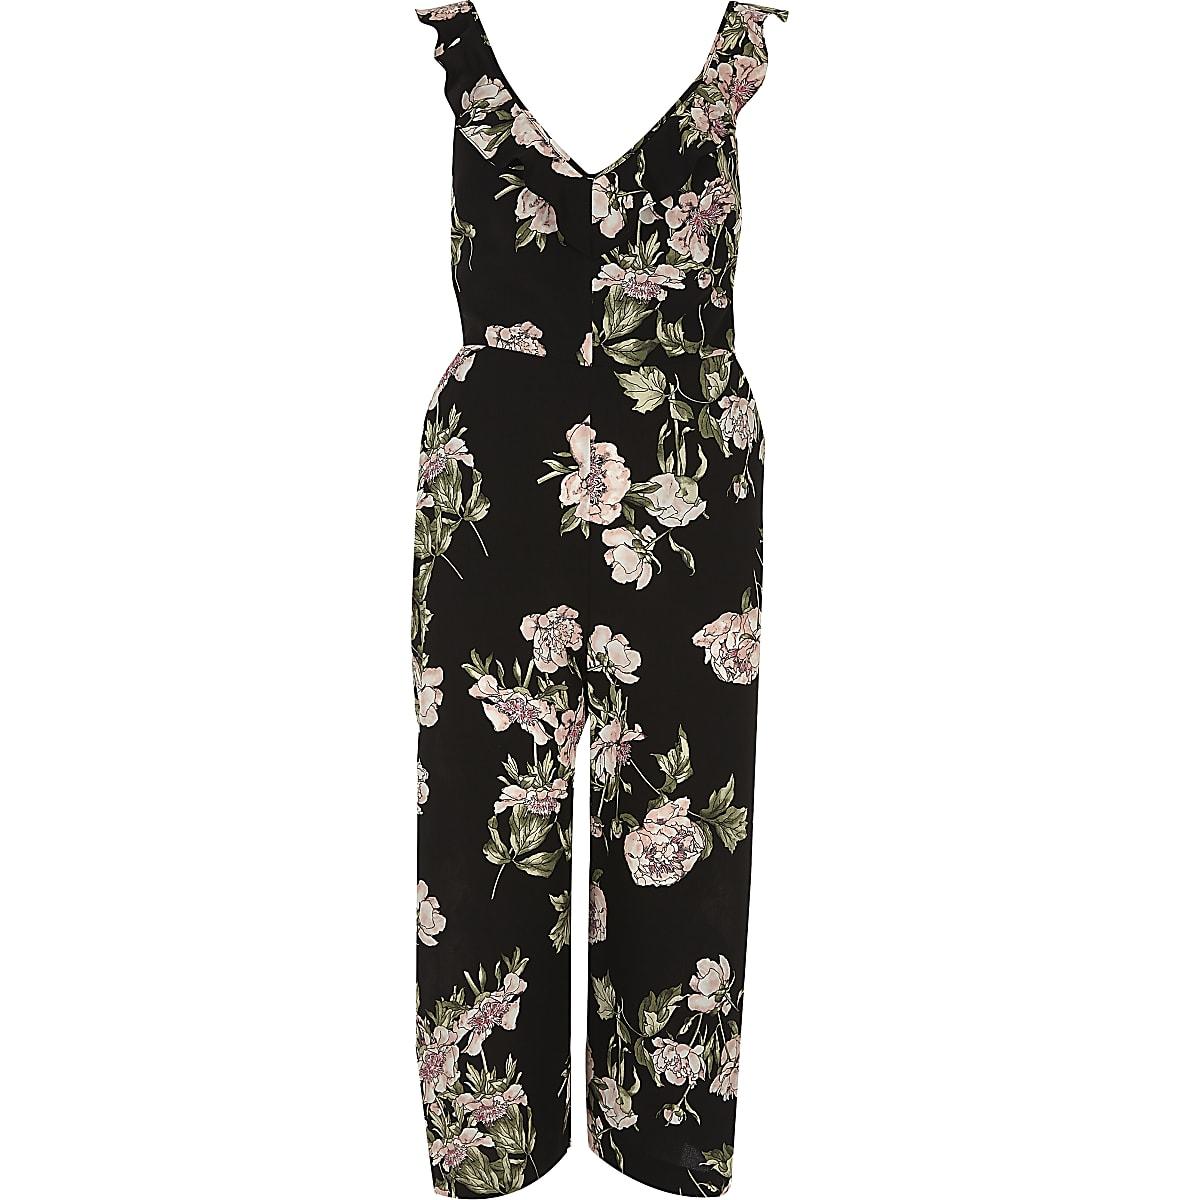 Black floral back tie culotte jumpsuit